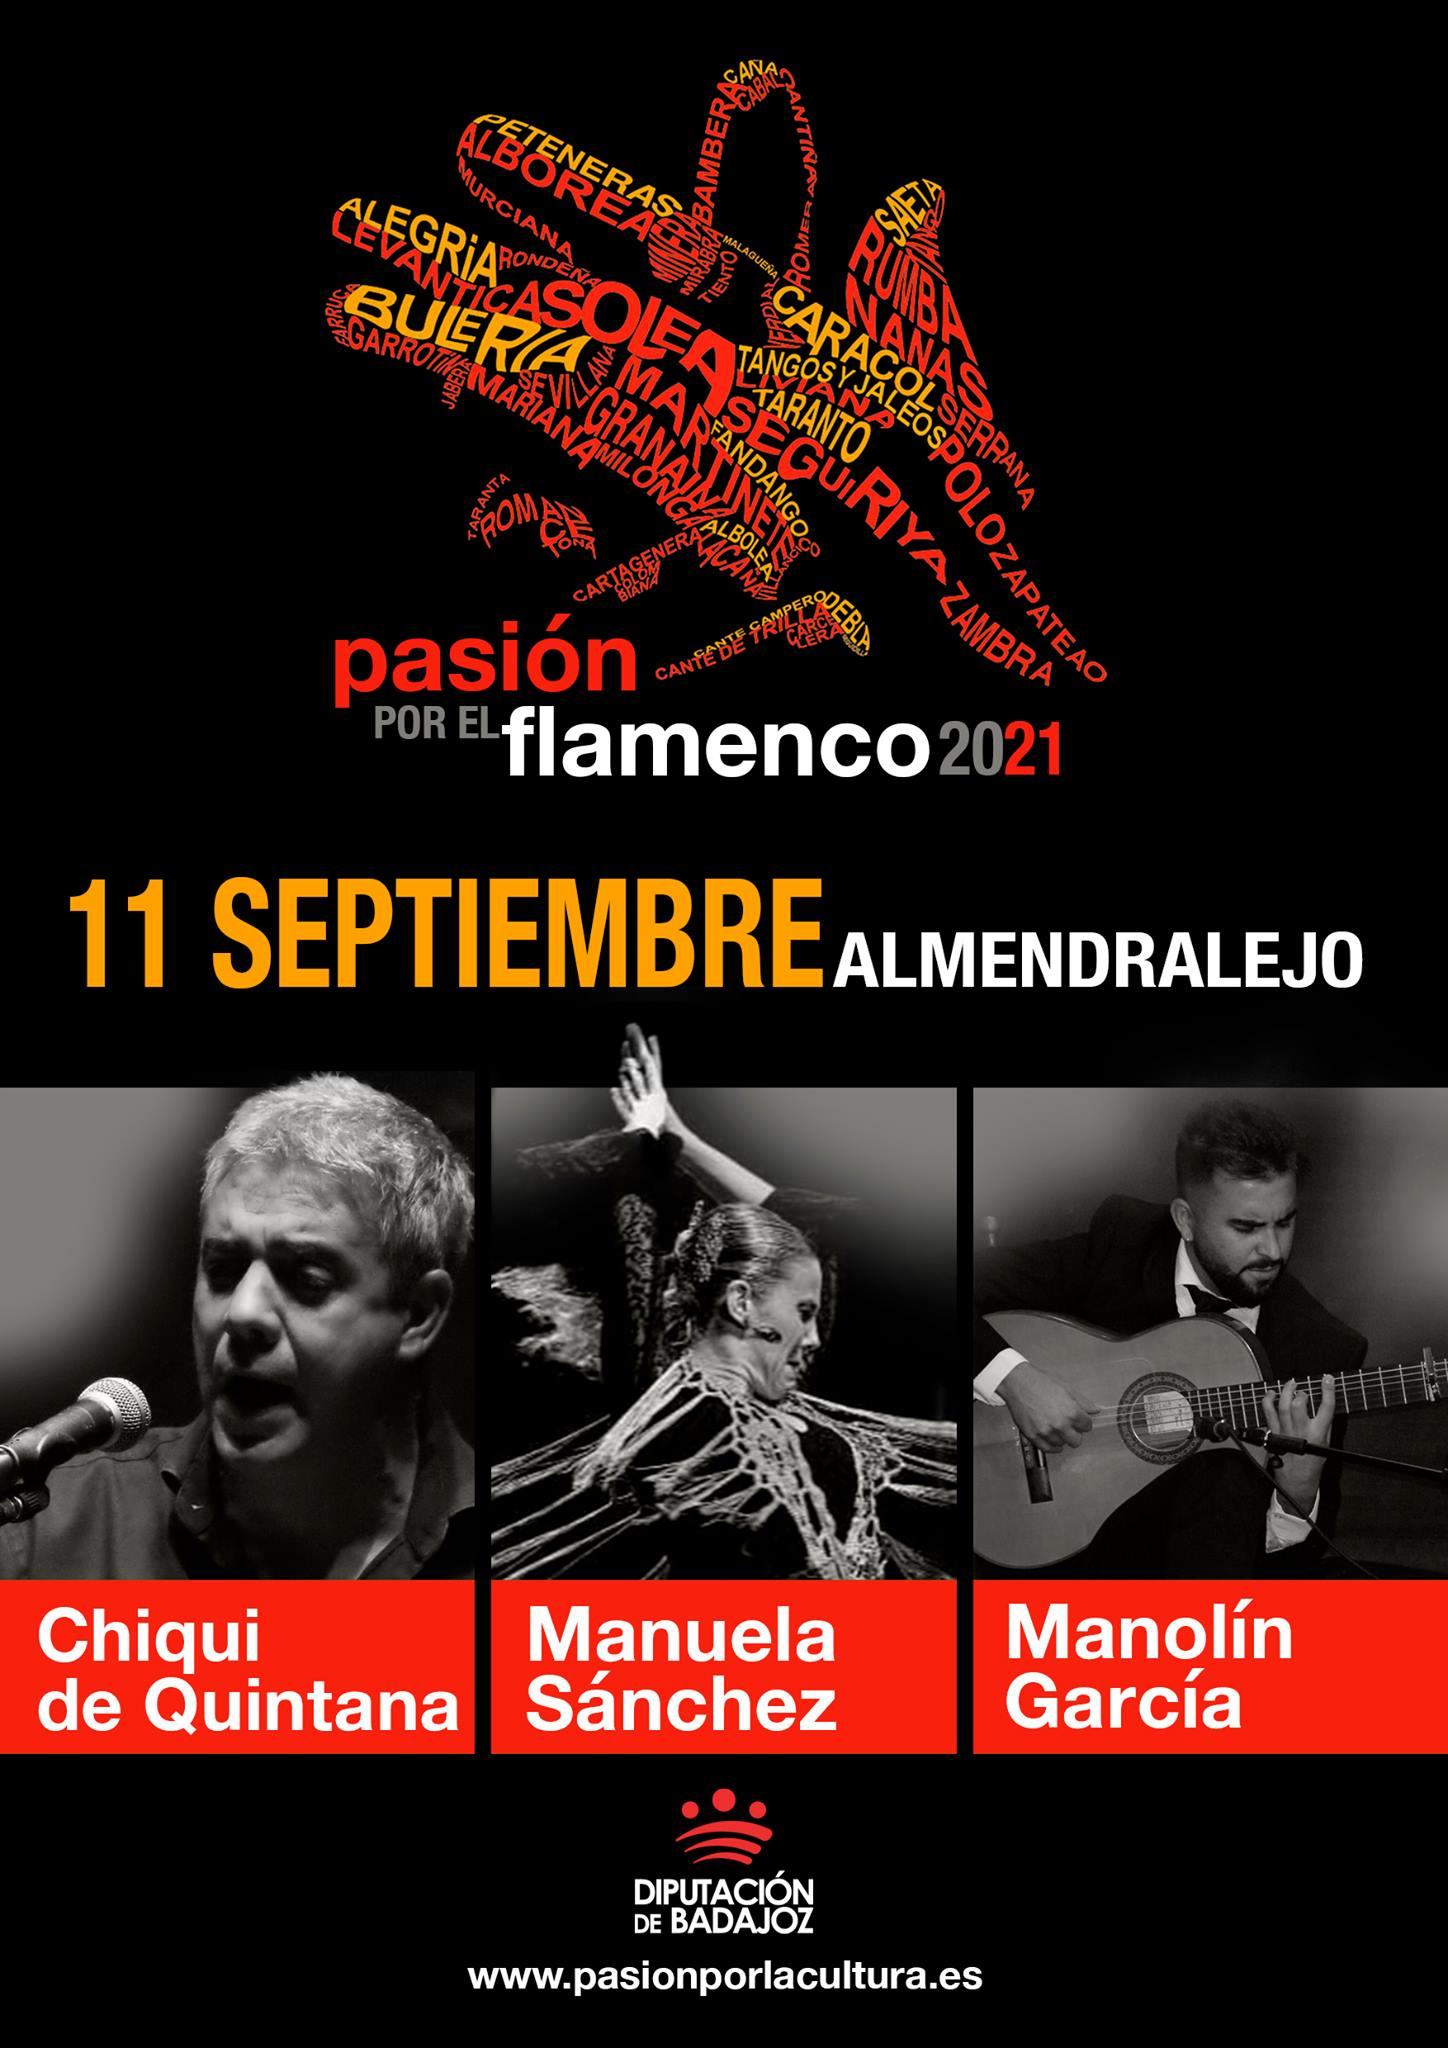 PASIÓN POR EL FLAMENCO | Chiqui de Quintana + Manuela Sánchez + Manolín García